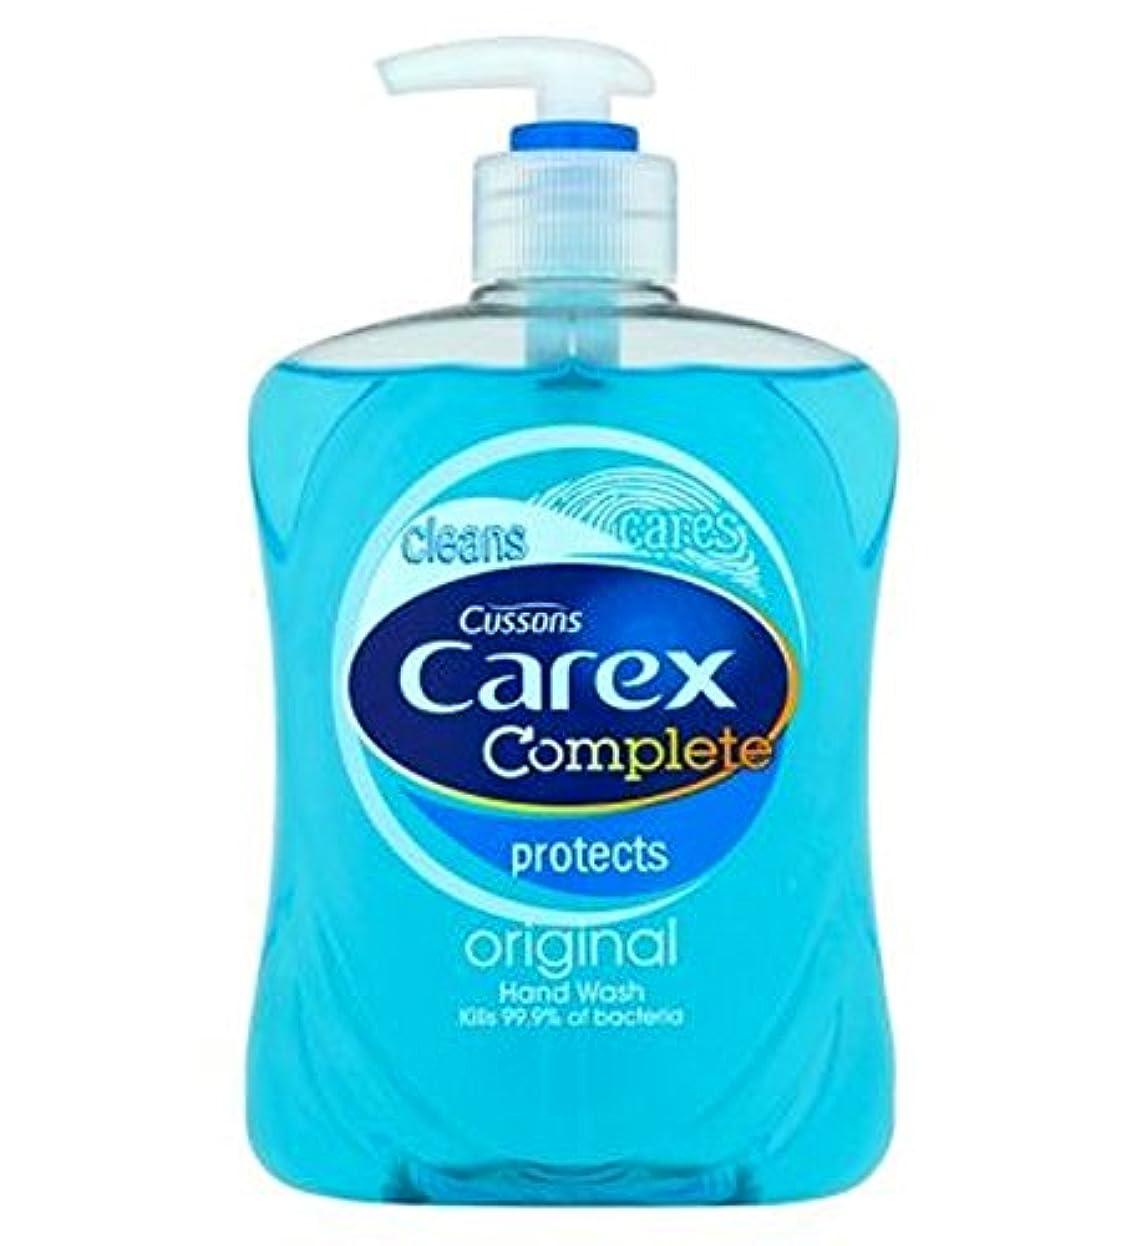 溢れんばかりの権威こだわりCarex Complete Original Hand Wash 500ml - スゲ属の完全オリジナルのハンドウォッシュ500ミリリットル (Carex) [並行輸入品]